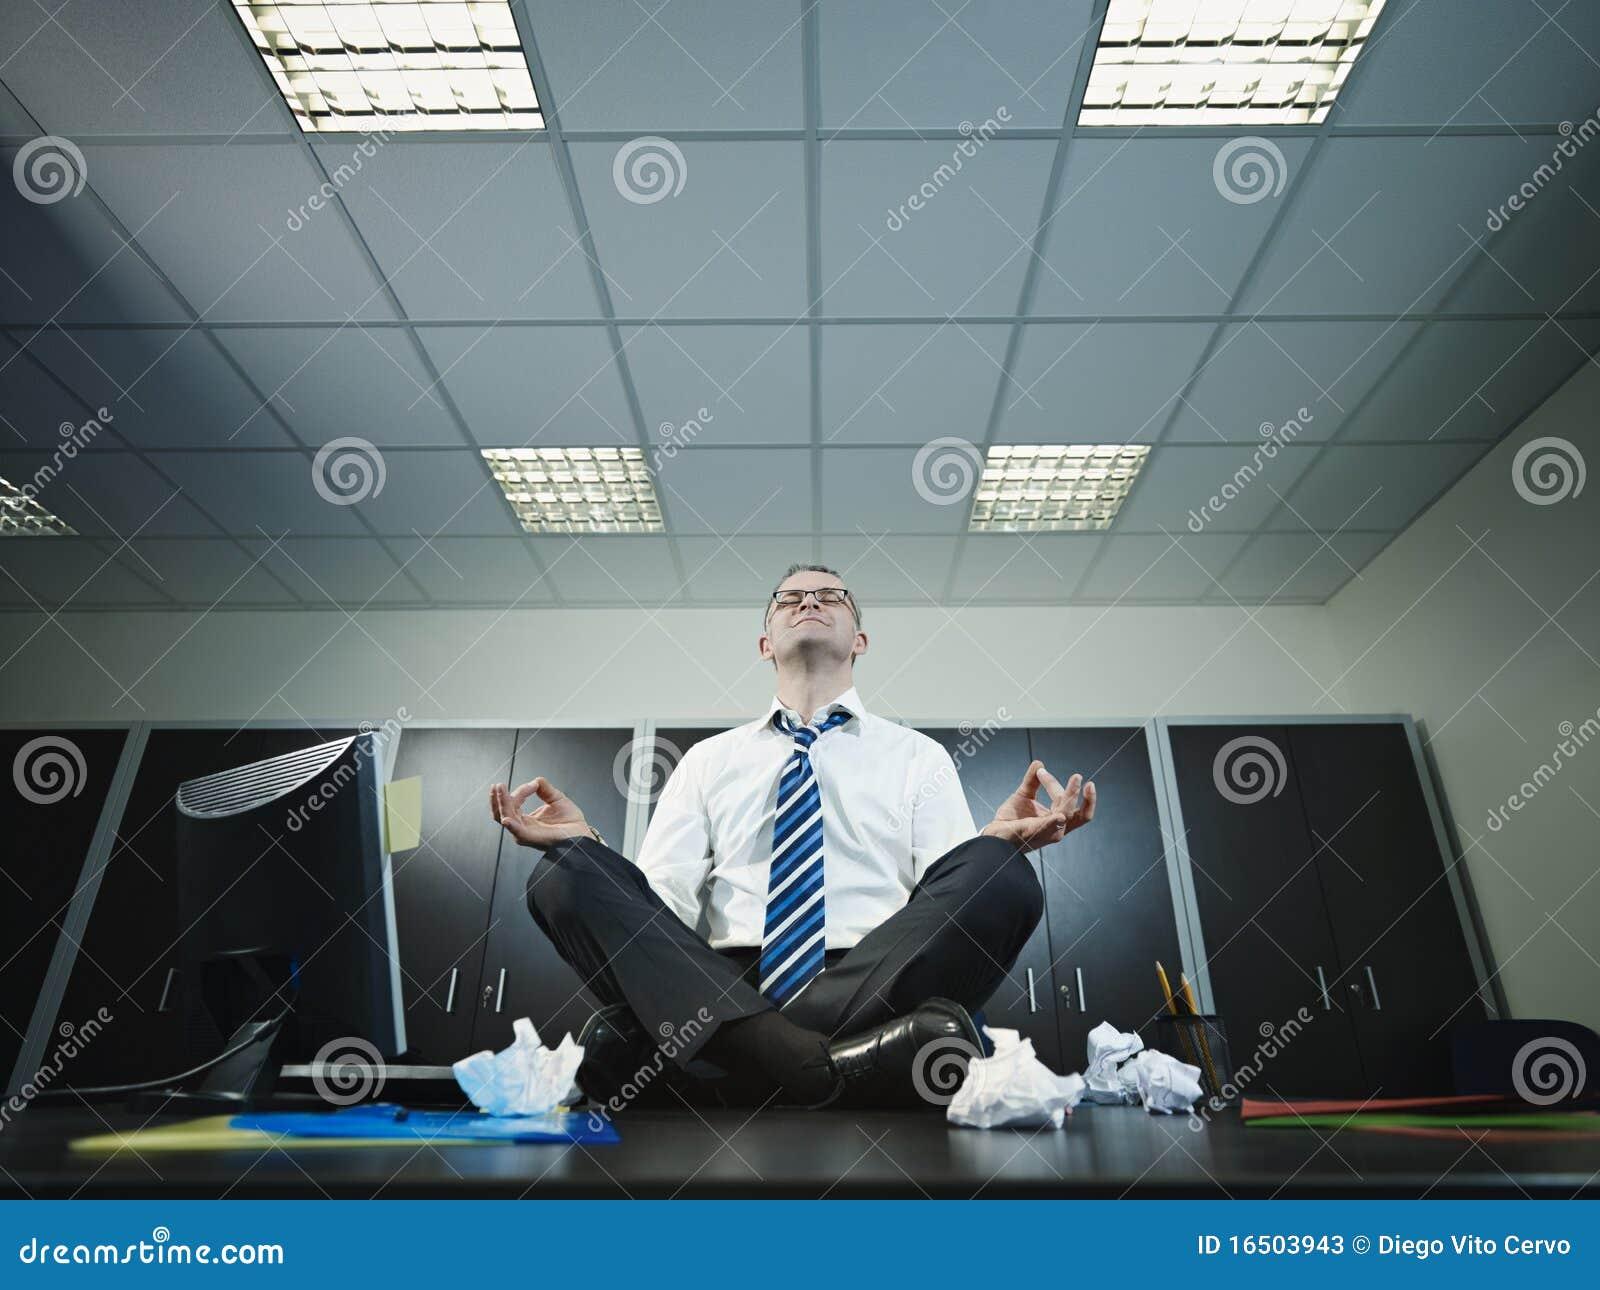 Uomo D 39 Affari Che Fa Yoga In Ufficio Immagine Stock